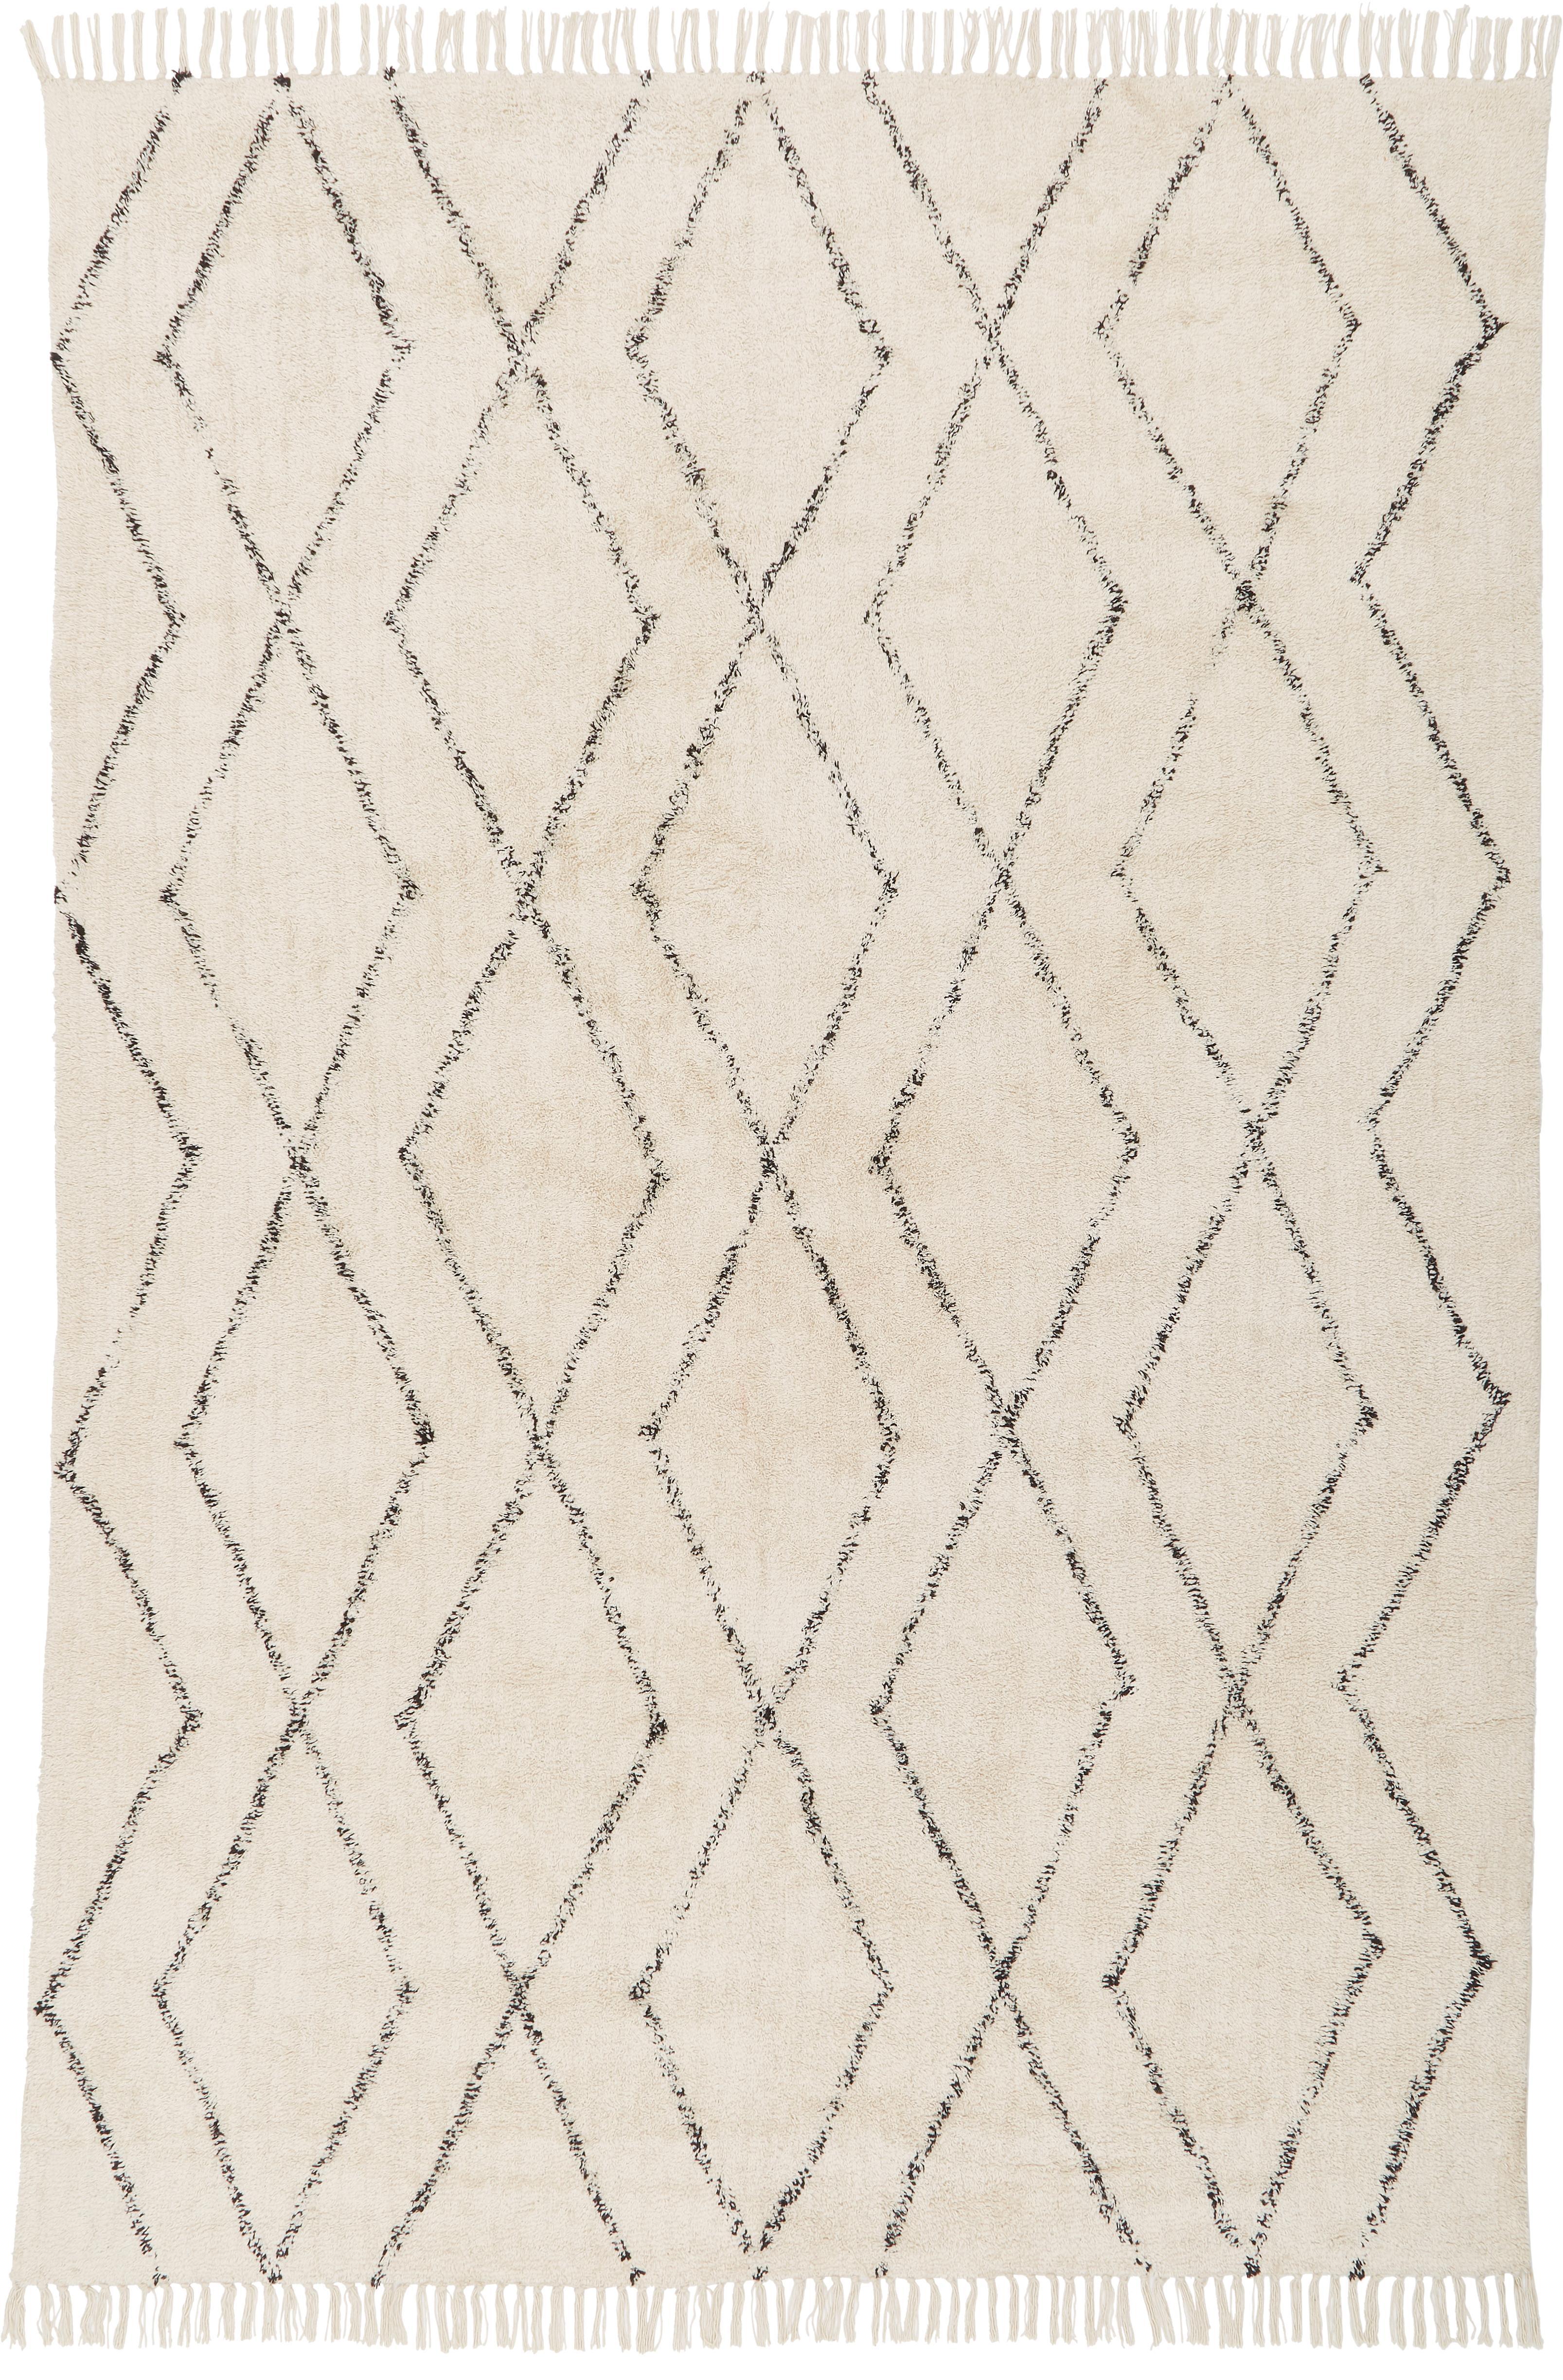 Handgetufteter Baumwollteppich Bina mit Rautenmuster, Beige, Schwarz, B 200 x L 300 cm (Größe L)